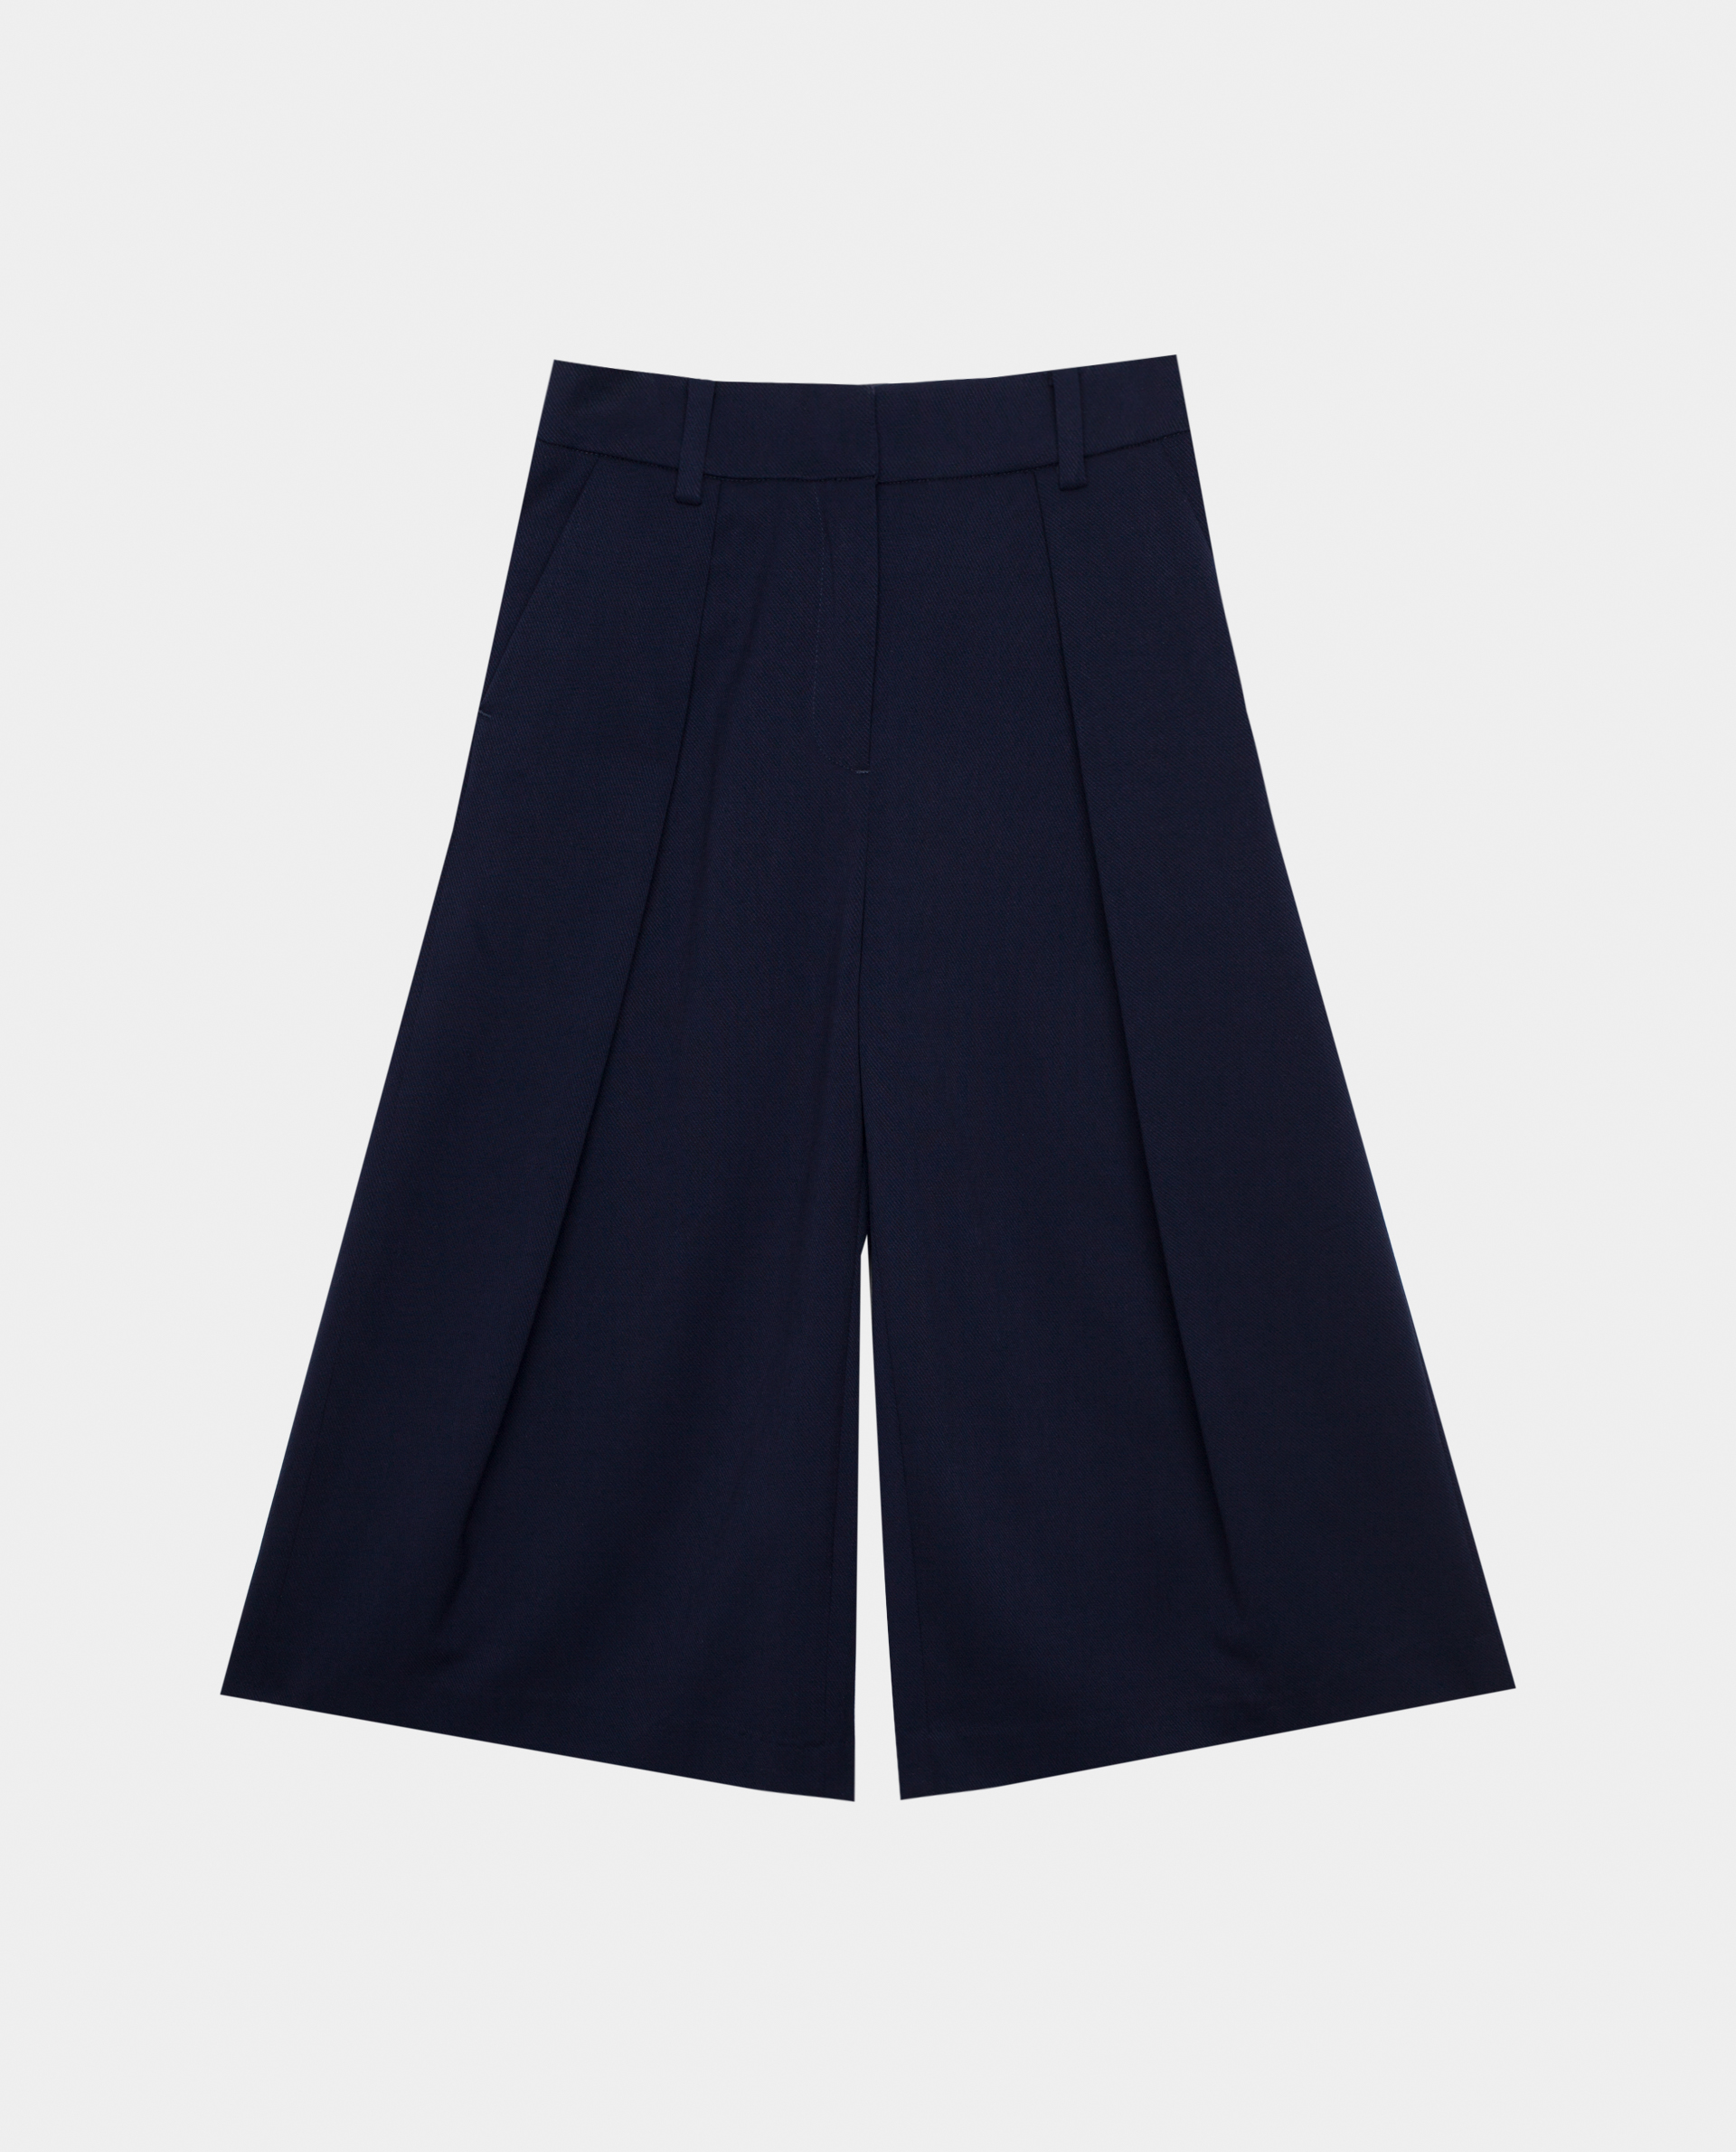 Купить 220GSGC6303, Синие брюки Gulliver, синий, 146, Женский, Демисезон, ШКОЛЬНАЯ ФОРМА 2020-2021 (shop: GulliverMarket Gulliver Market)